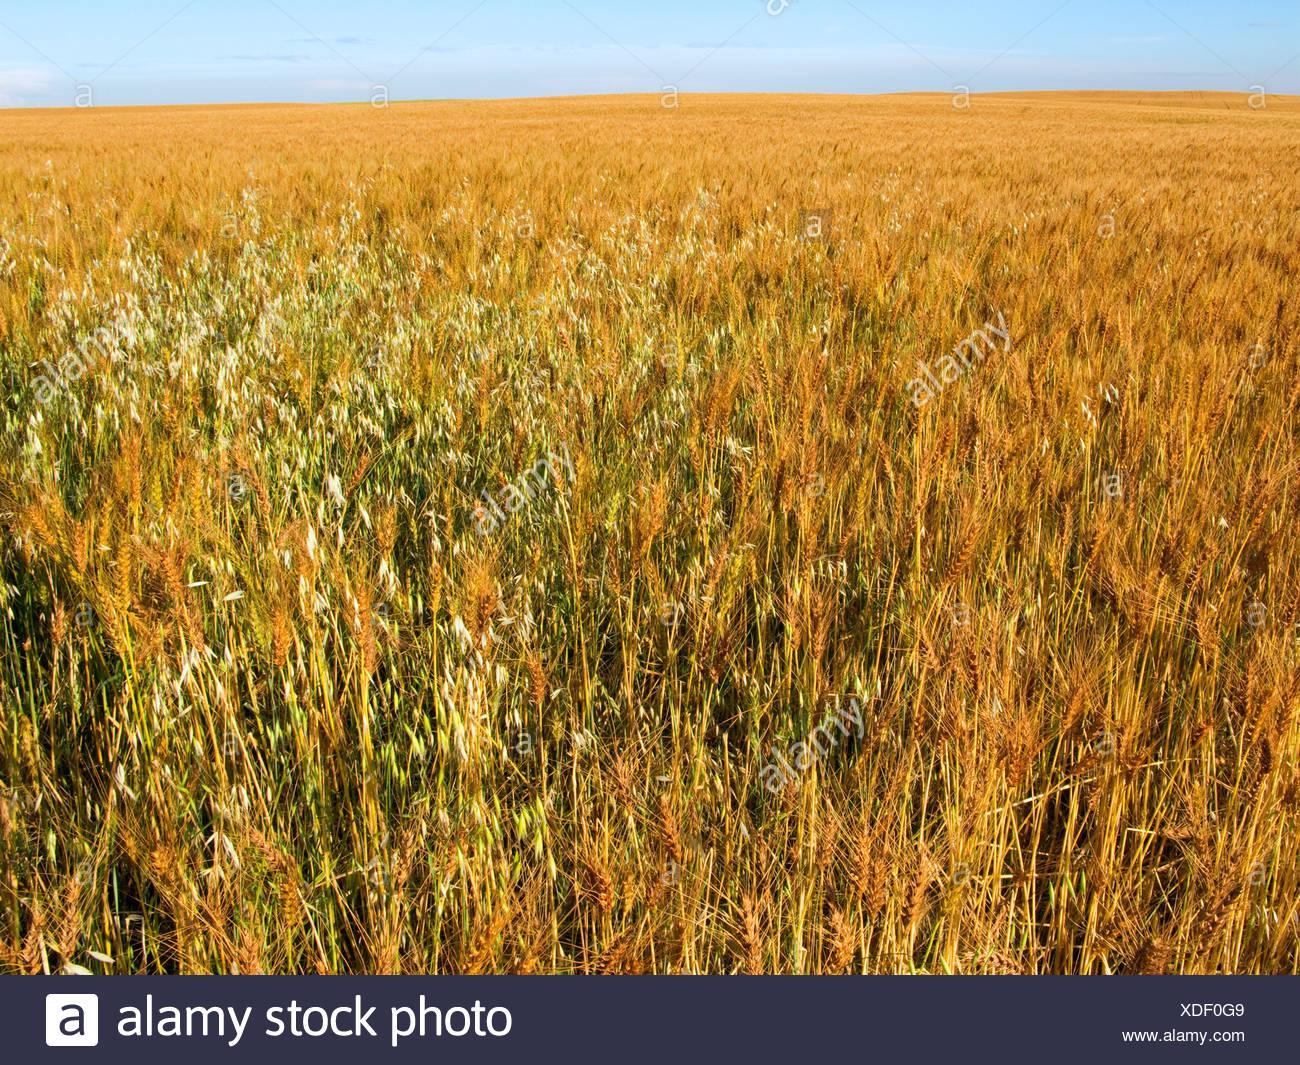 Ganadería - AVENILLA (Avena fatua) parche infesta una maduración del grano / campo de Alberta, Canadá. Imagen De Stock